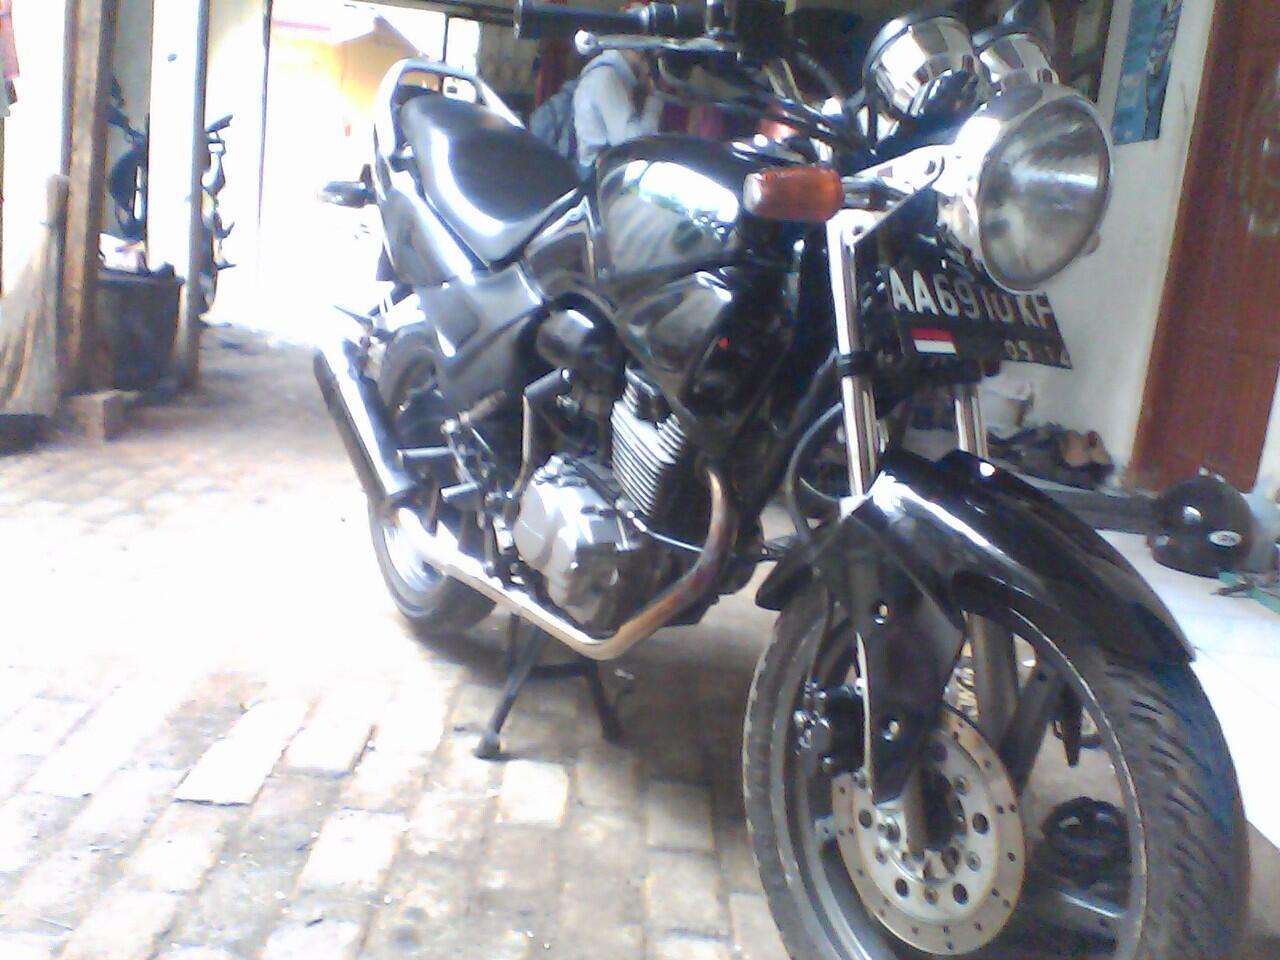 honda tiger 2004 modif kaki-kaki plat AA - F wonosobo